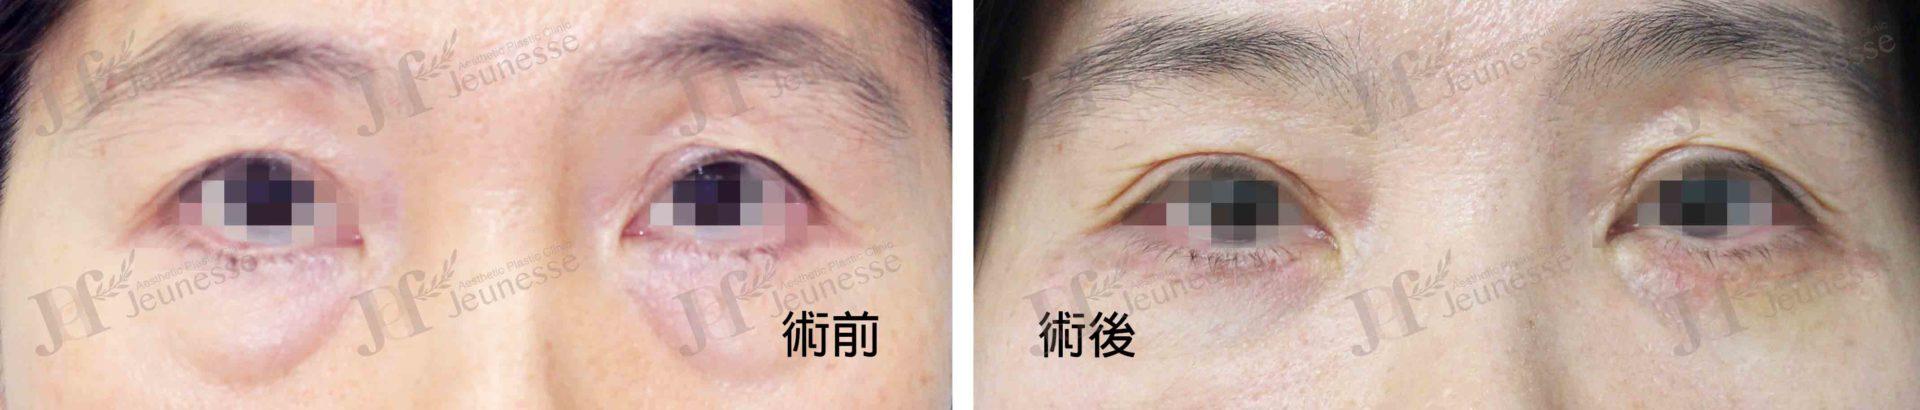 Lower blepharoplasty case 1 正面-浮水印